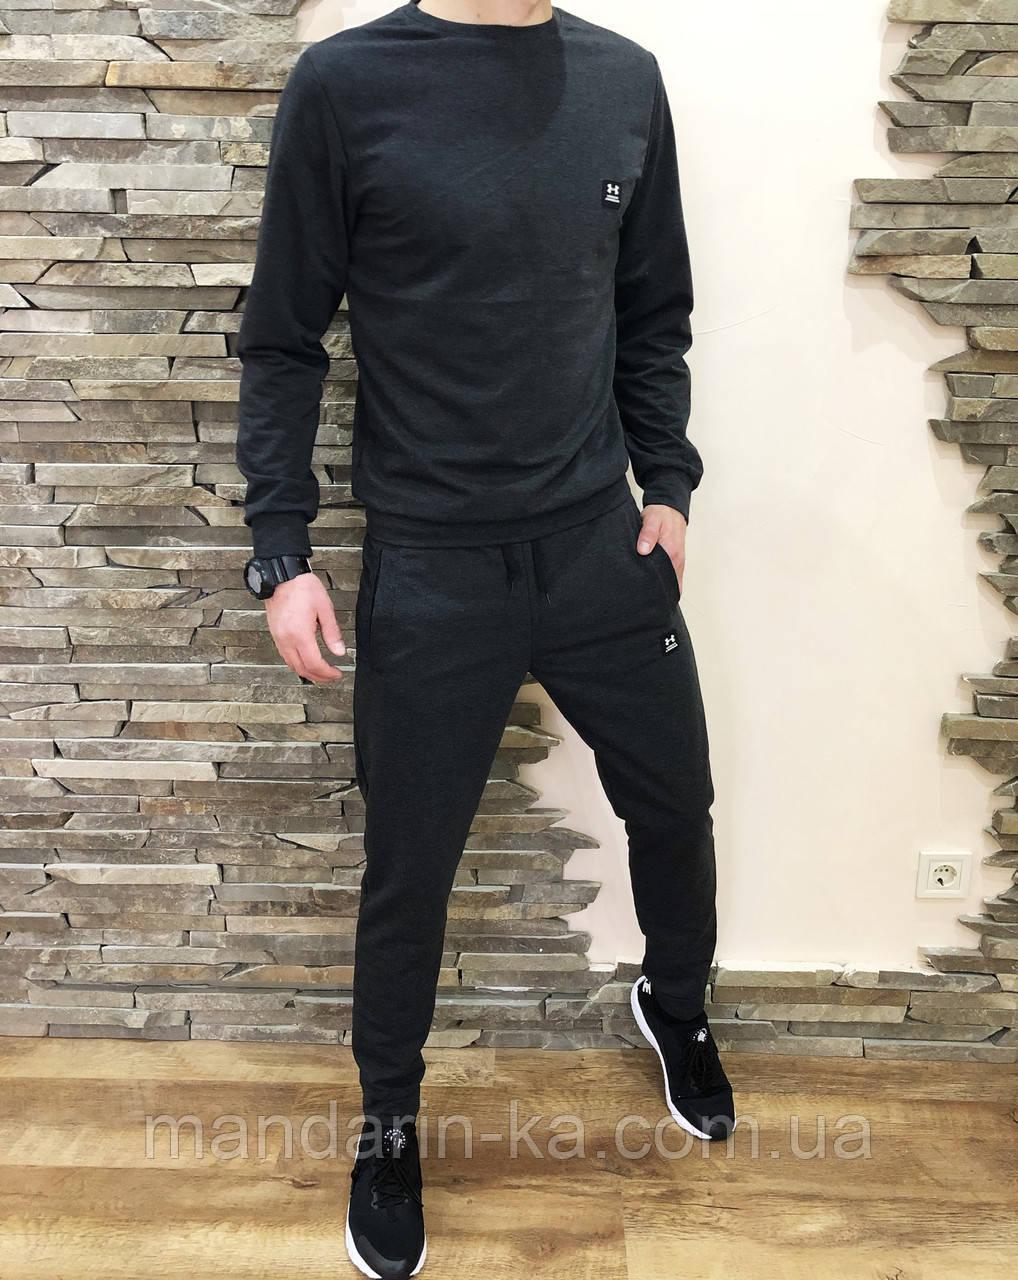 Мужской спортивный  костюм Under Armour Андер Армор  без капюшона  (реплика)